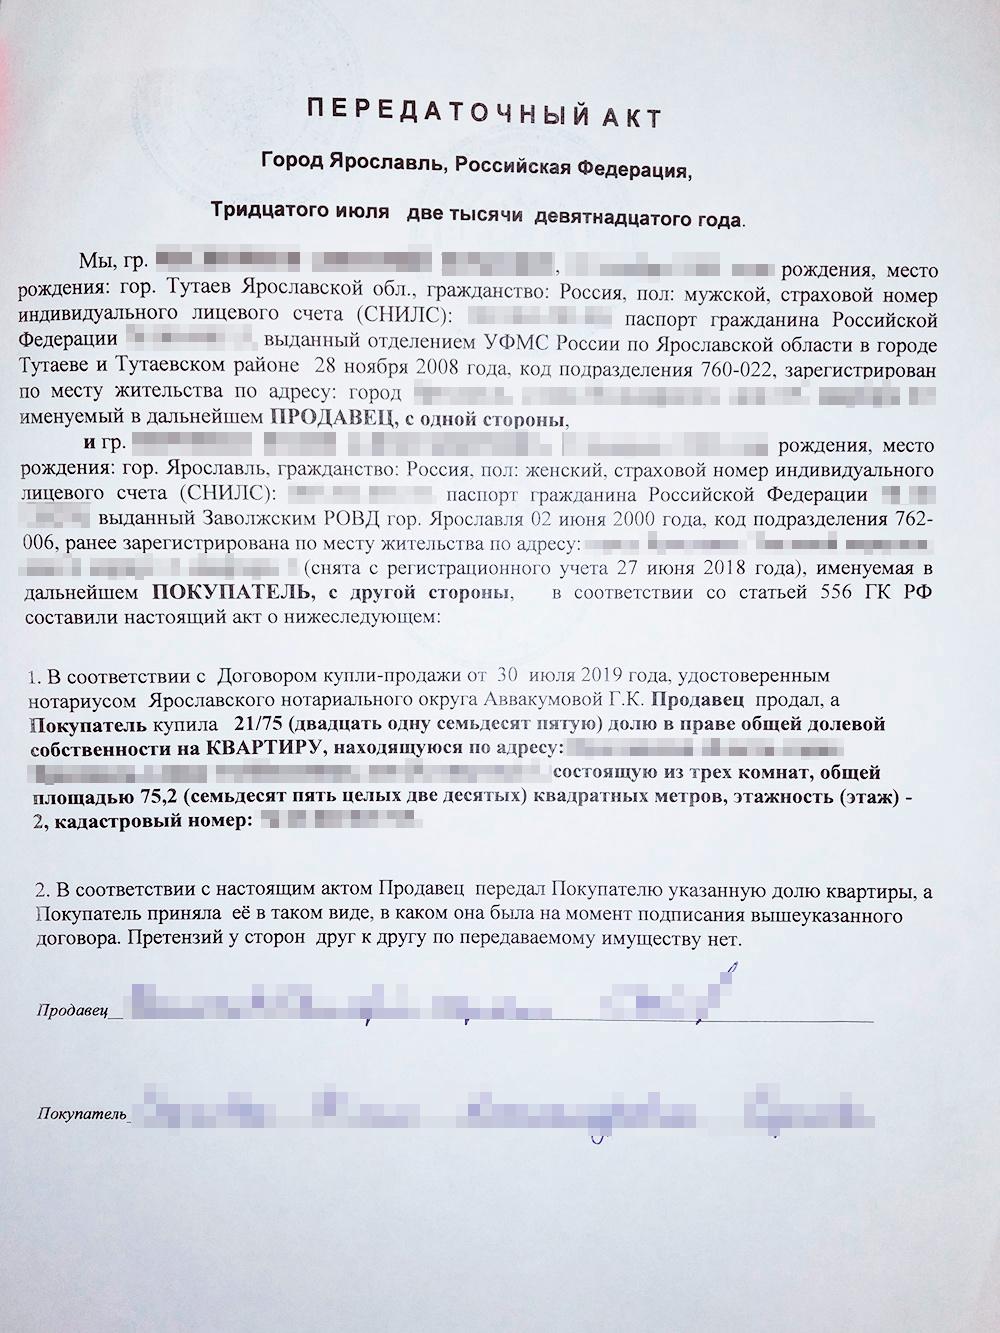 Передаточный акт нотариус скрепил с ДКП